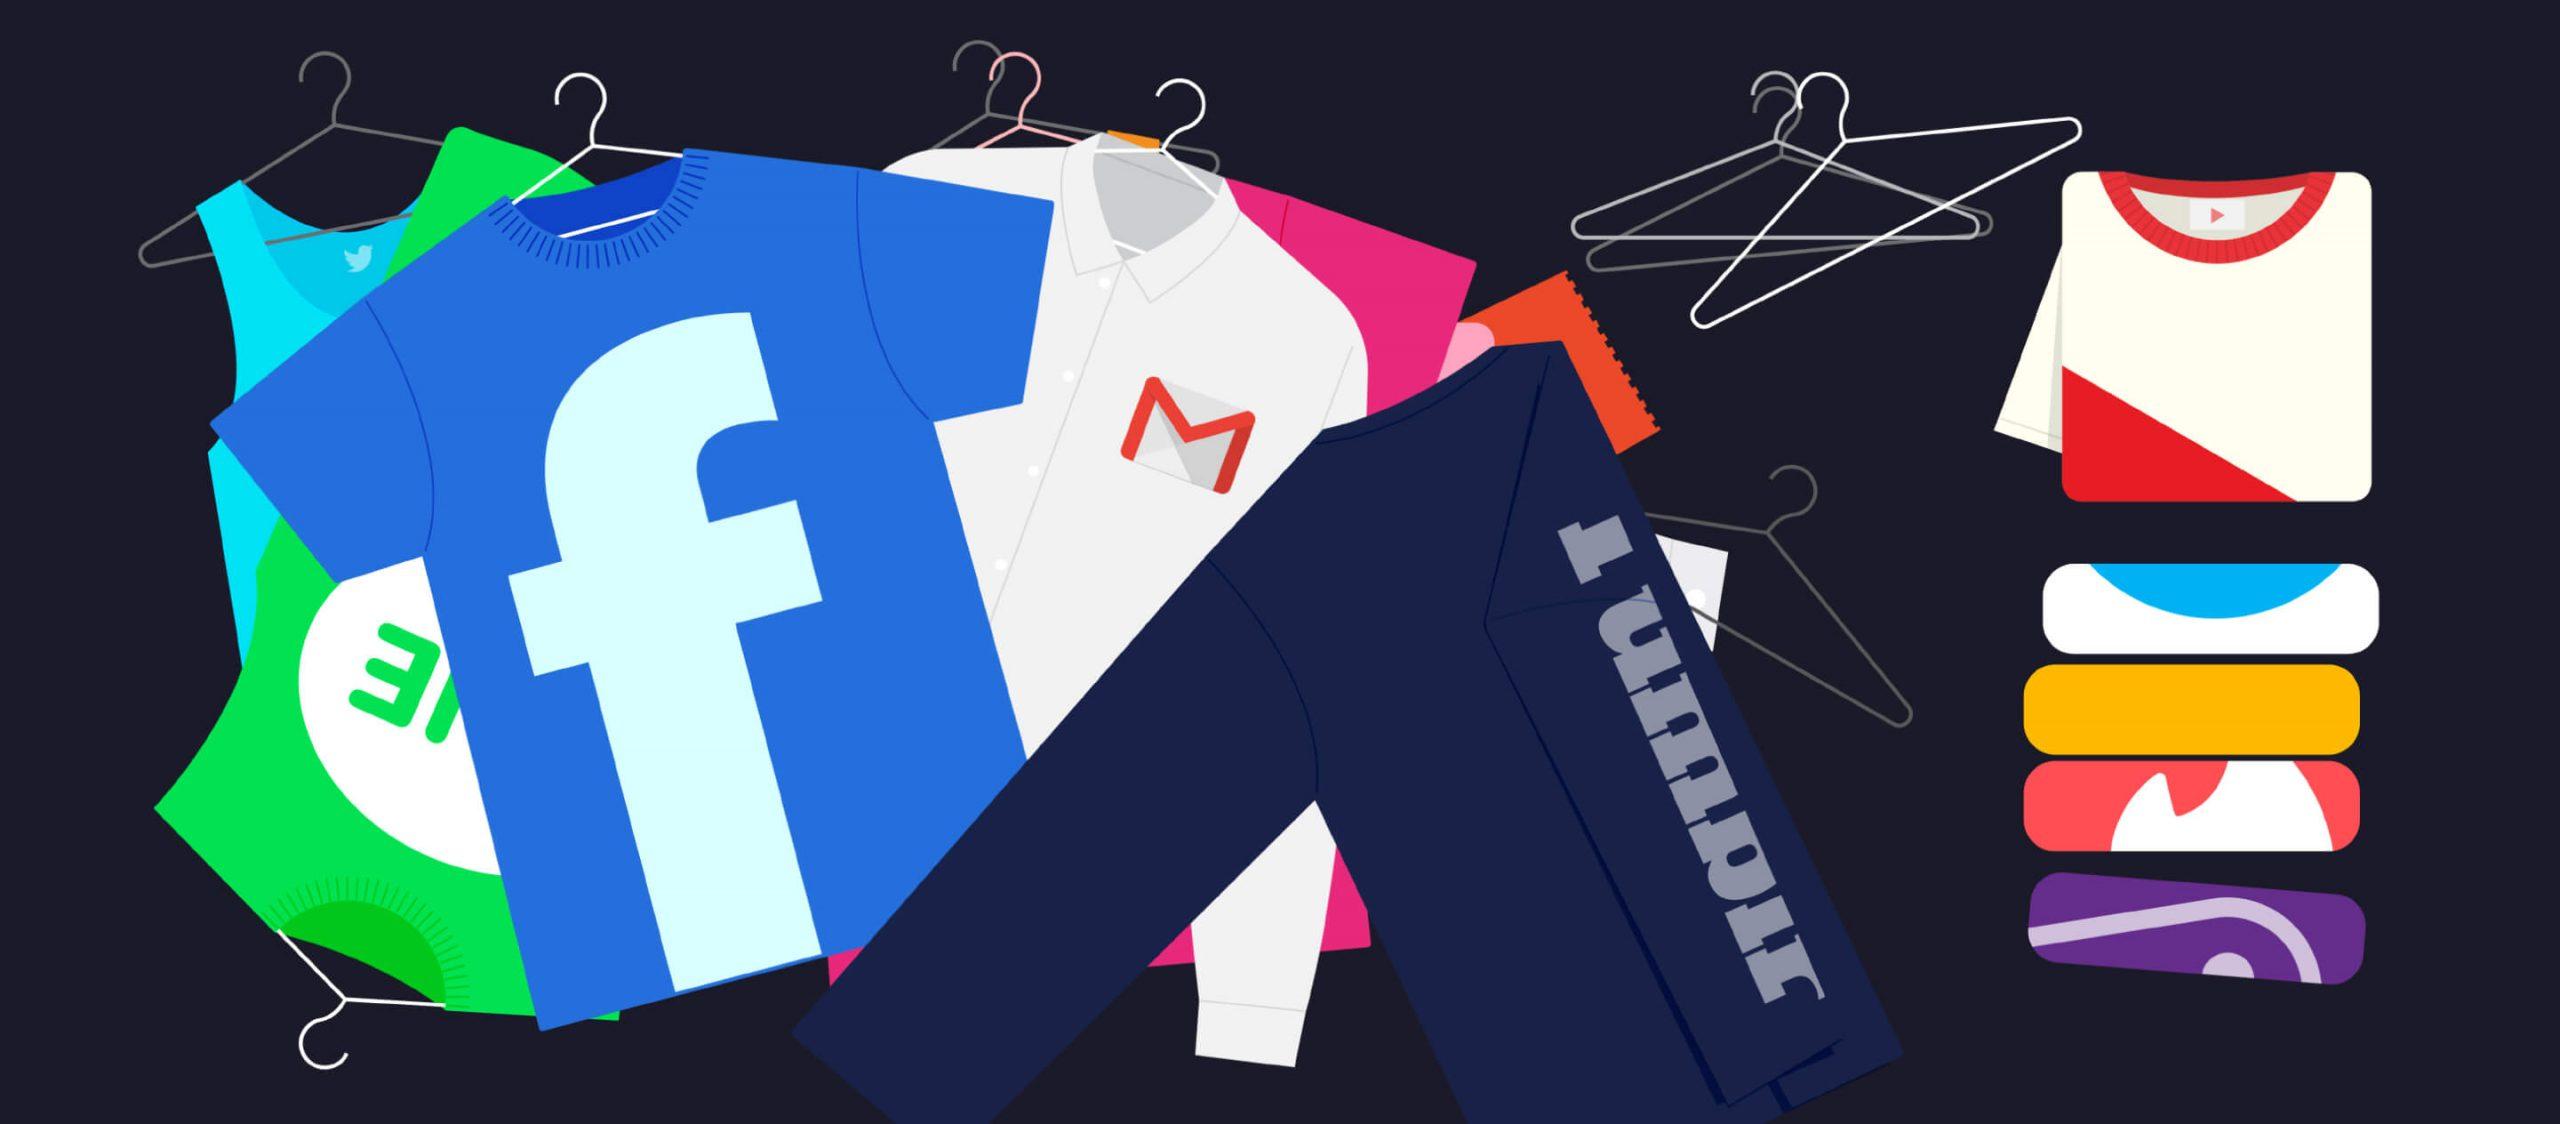 ใช้เน็ตให้น้อย ใช้ชีวิตให้มาก : แนวคิด Digital Minimalism ลดการเชื่อมต่อเพื่อชีวิตที่ดีขึ้น